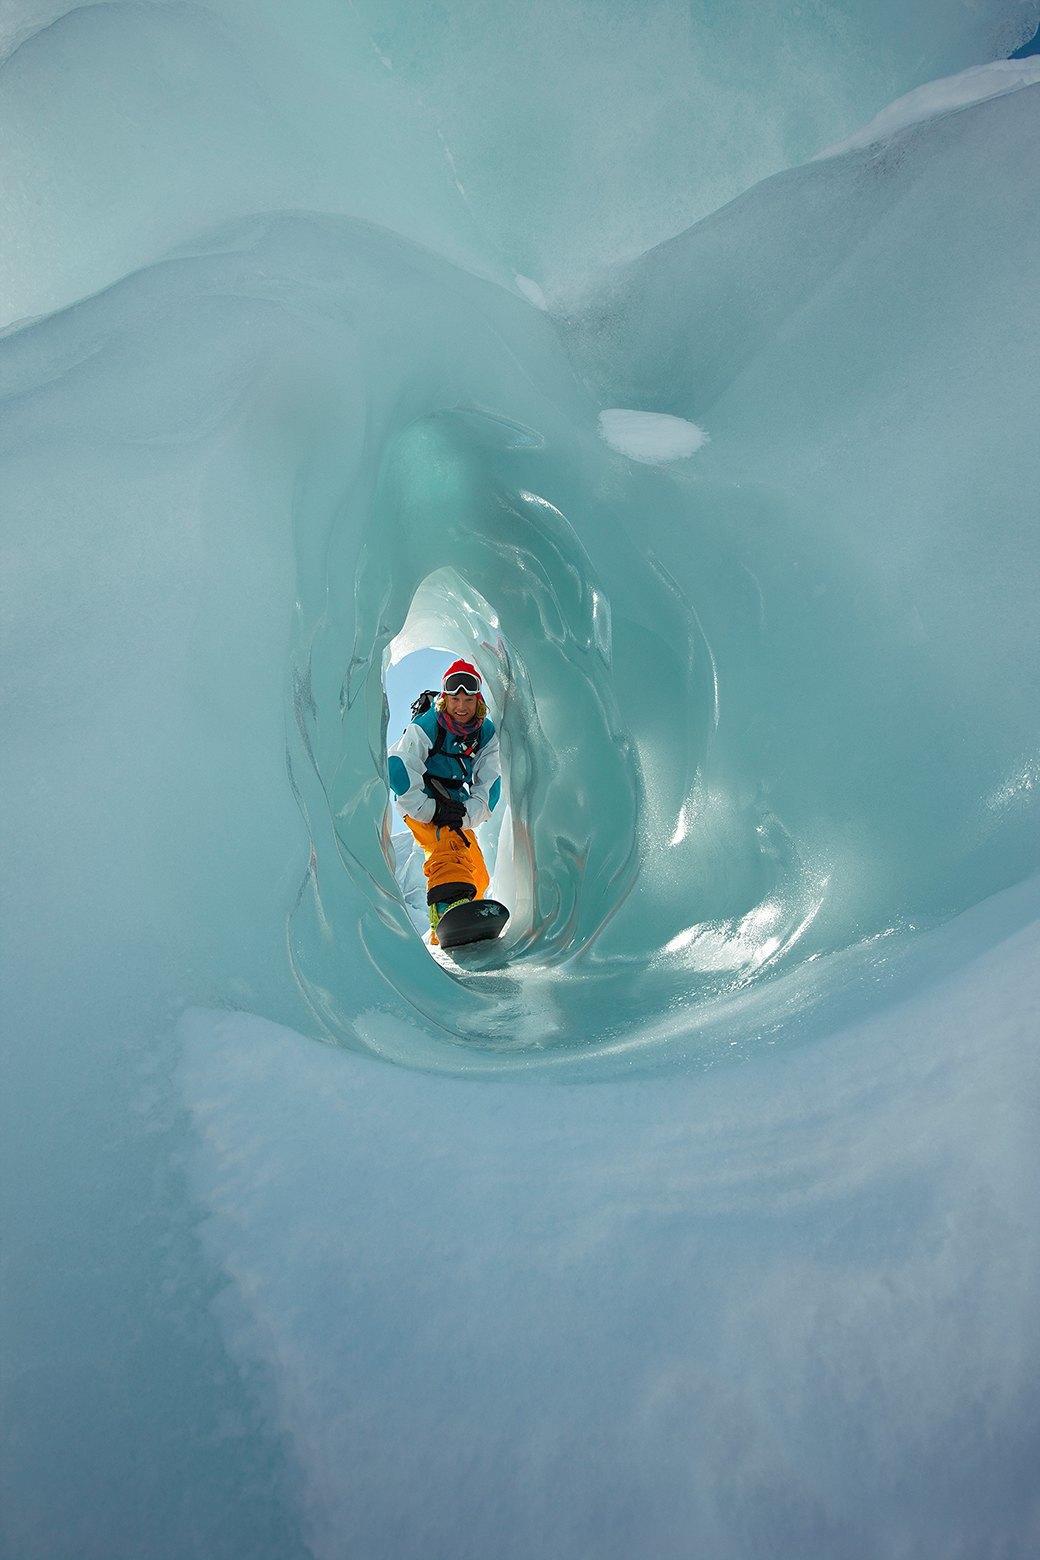 Фотопроект: 10 лет катания по самым экстремальным горам планеты . Изображение № 15.